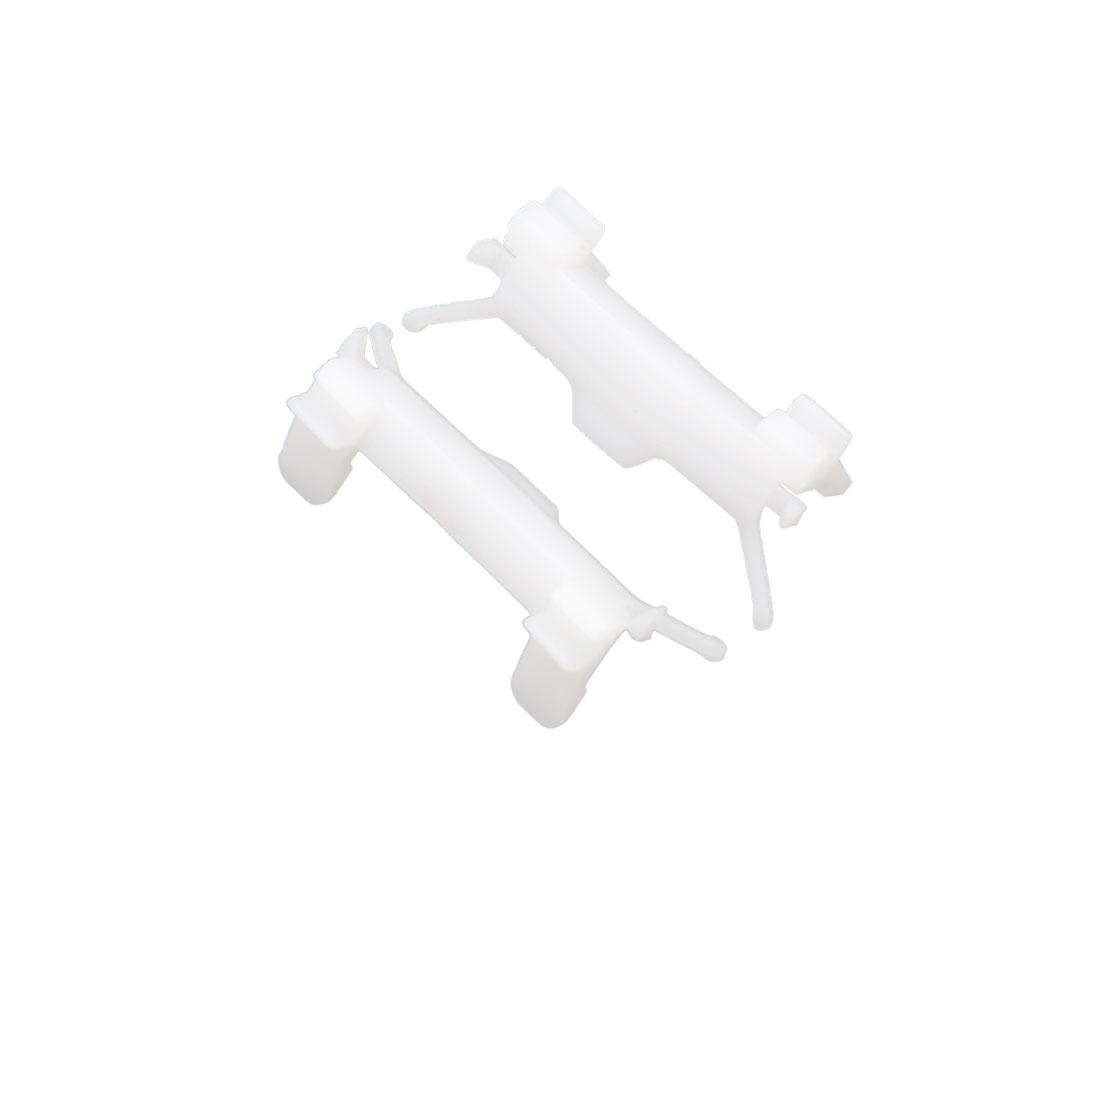 30 Pcs White Plastic Car Vehicle Fastener Rivet Interior Trim Panel Door Clips